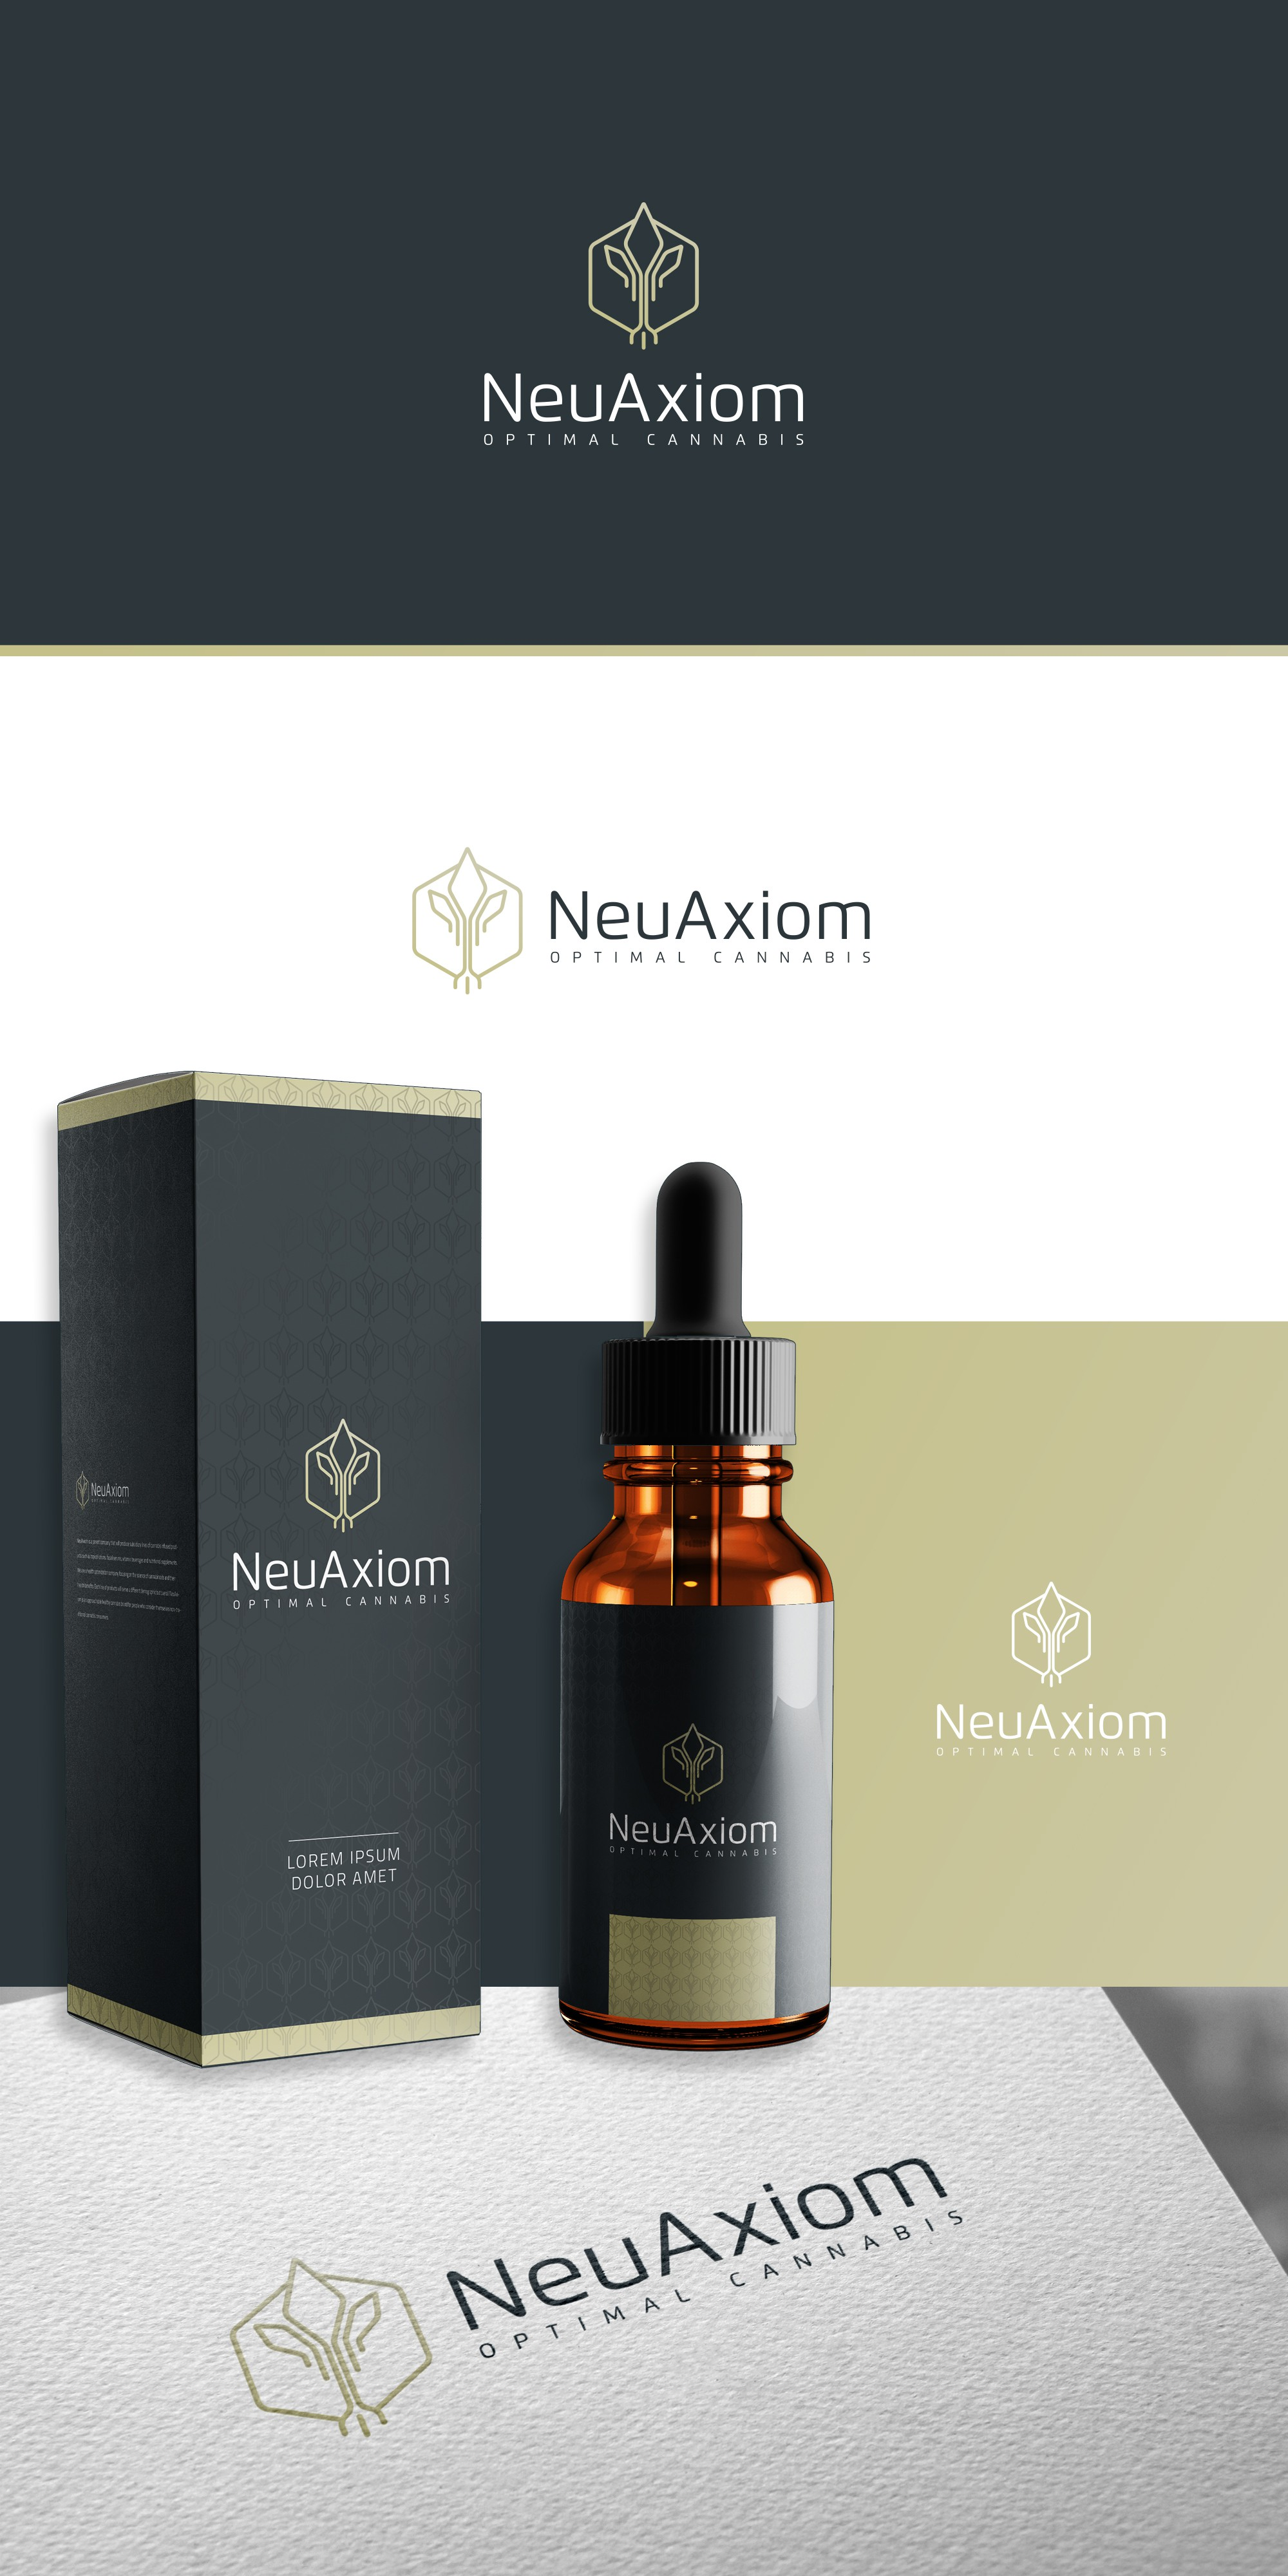 Neuaxiom Logo Design & Brand Guideline